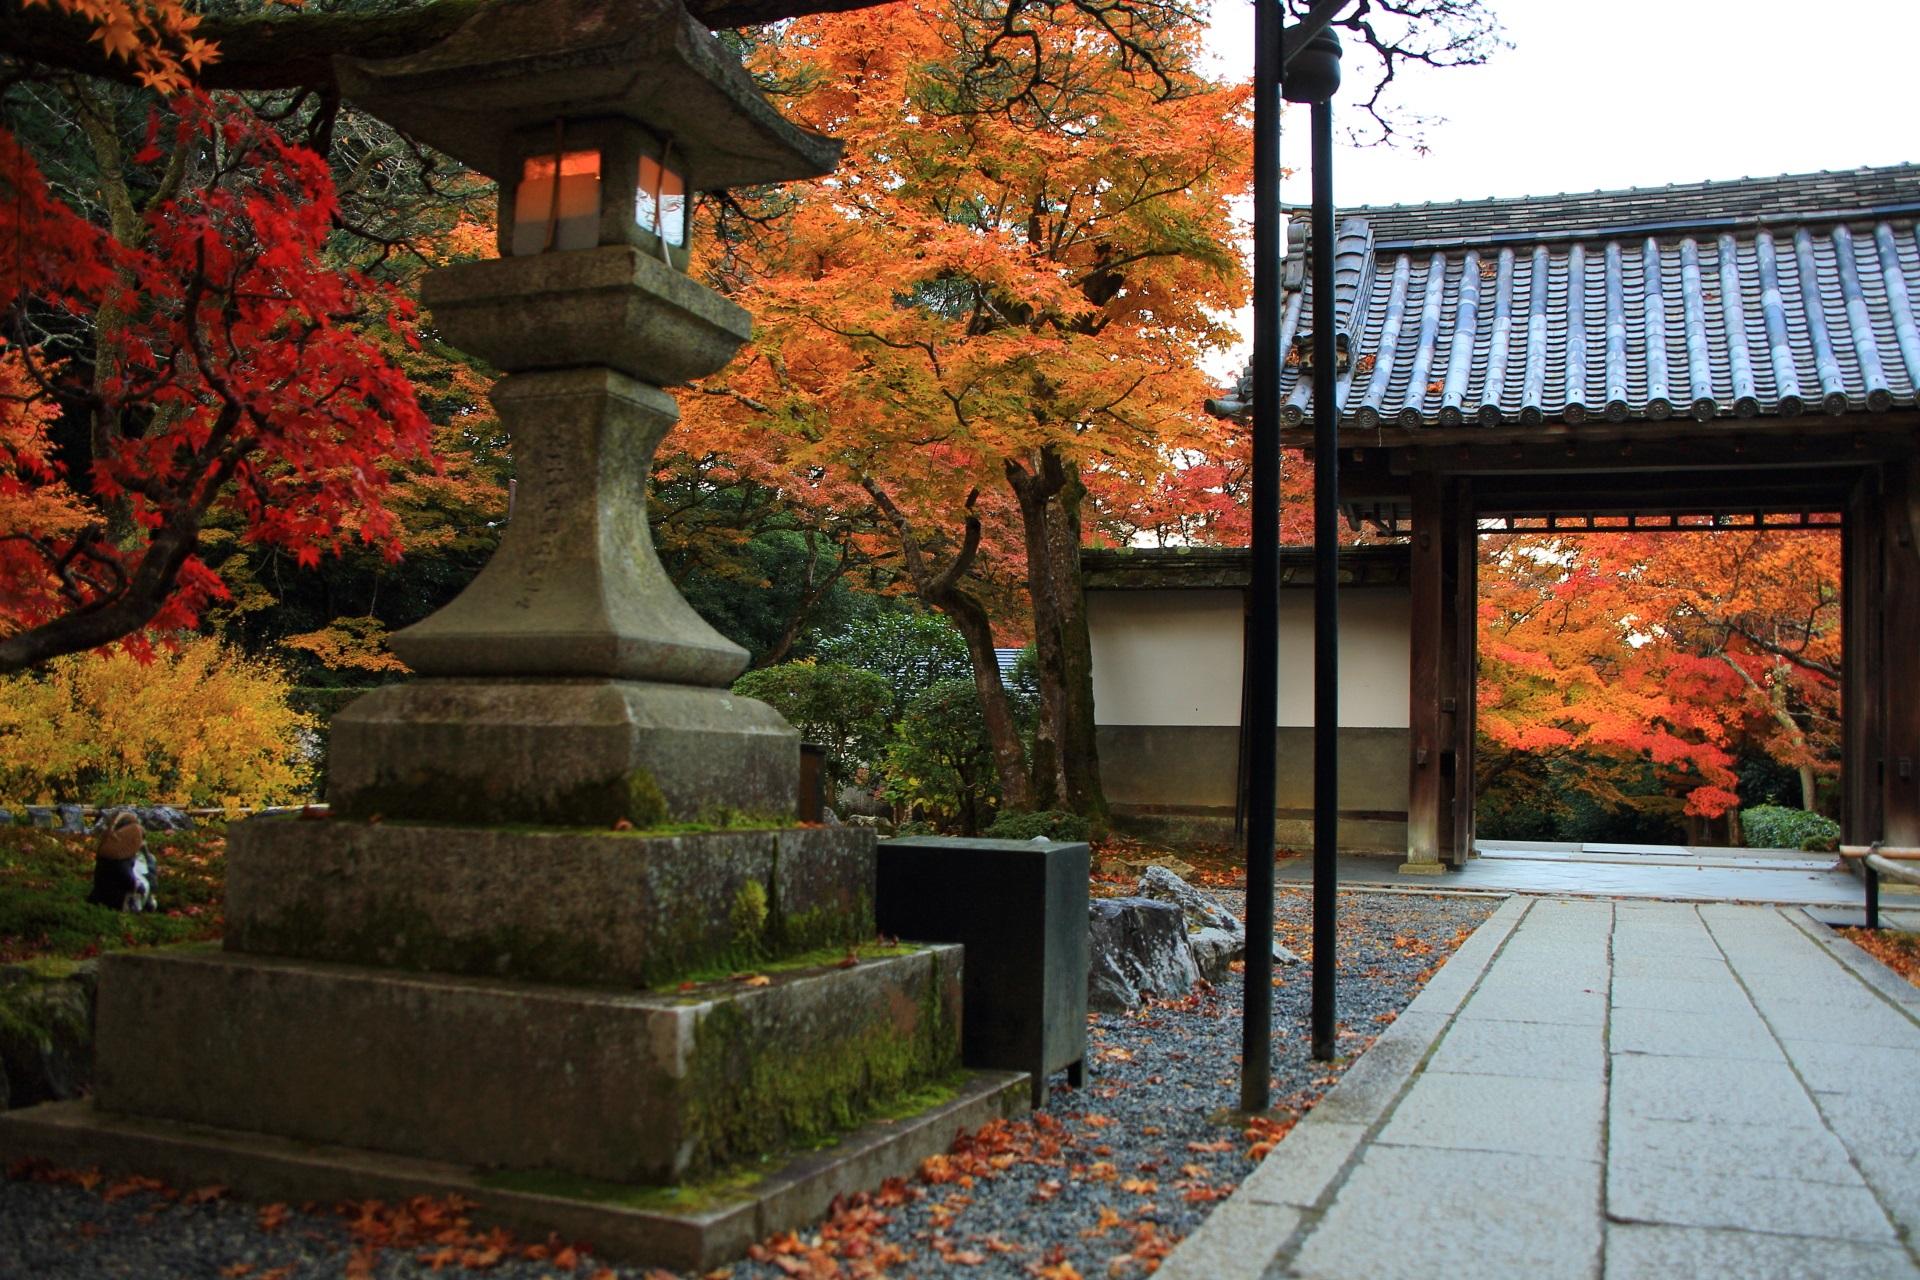 色とりどりの紅葉につつまれる最勝院の境内や山門